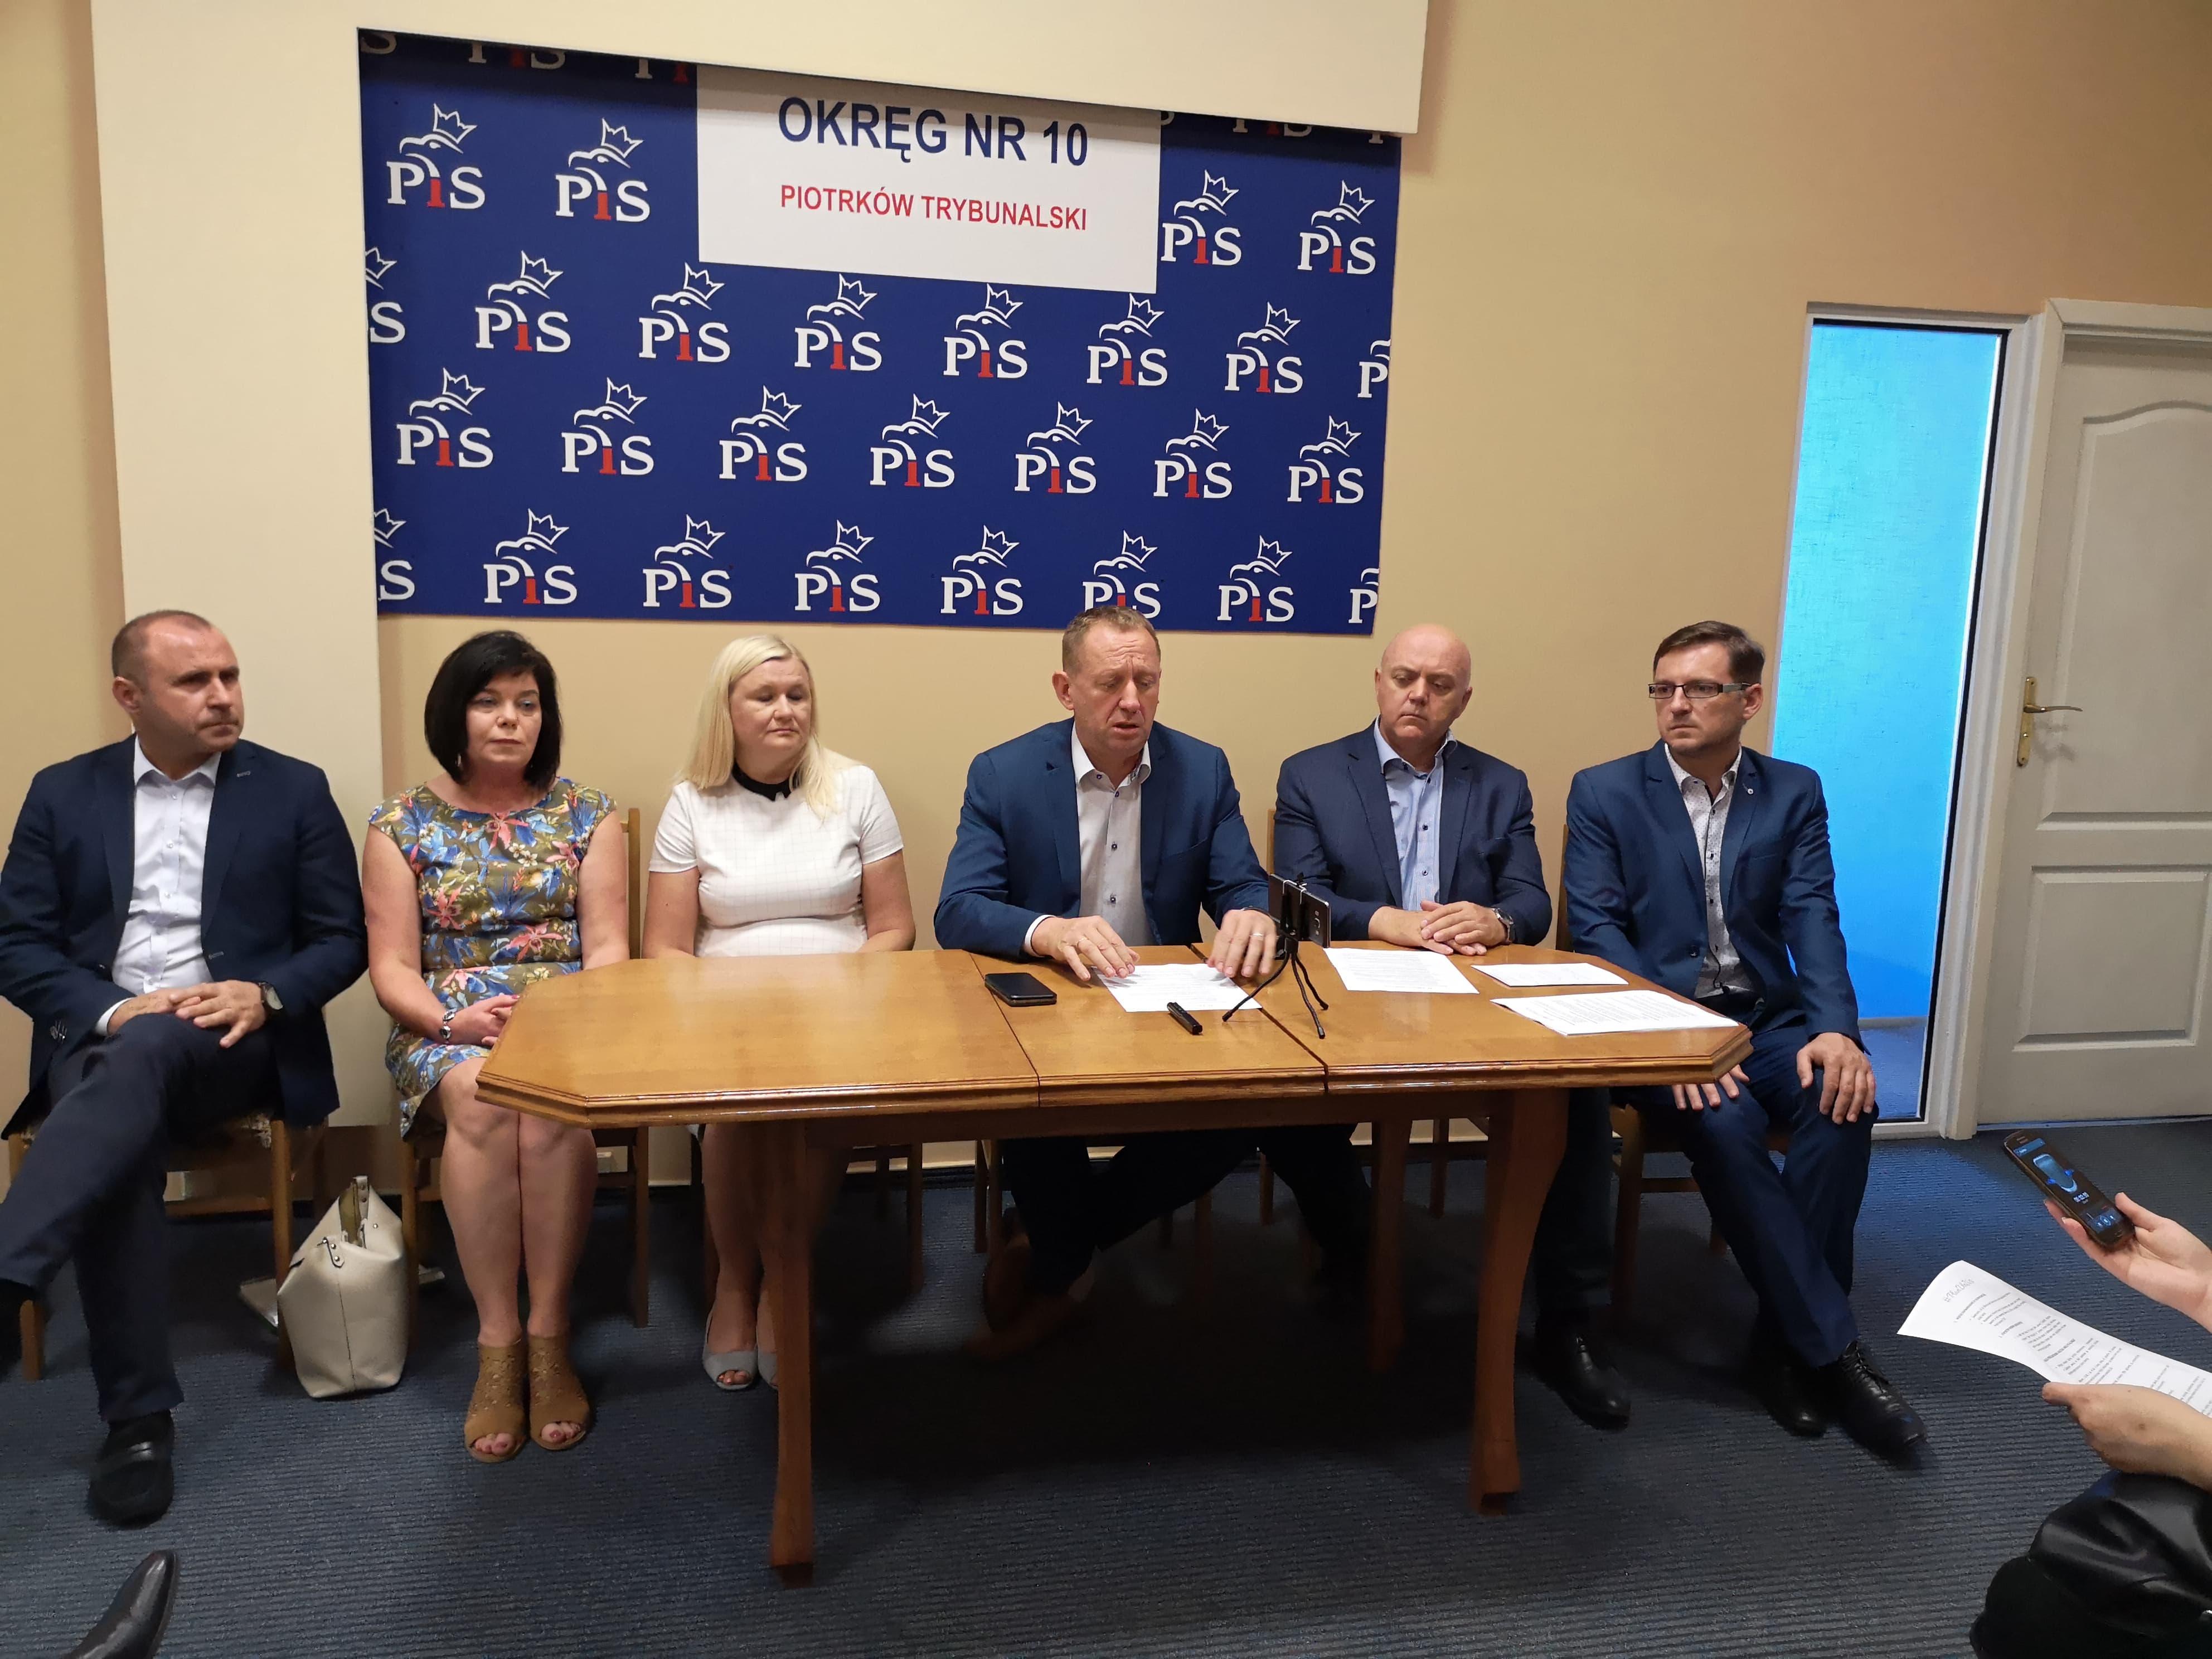 Photo of Konferencja PiS – by wzmocnić przekaz premiera Morawieckiego [FOTO, VIDEO]